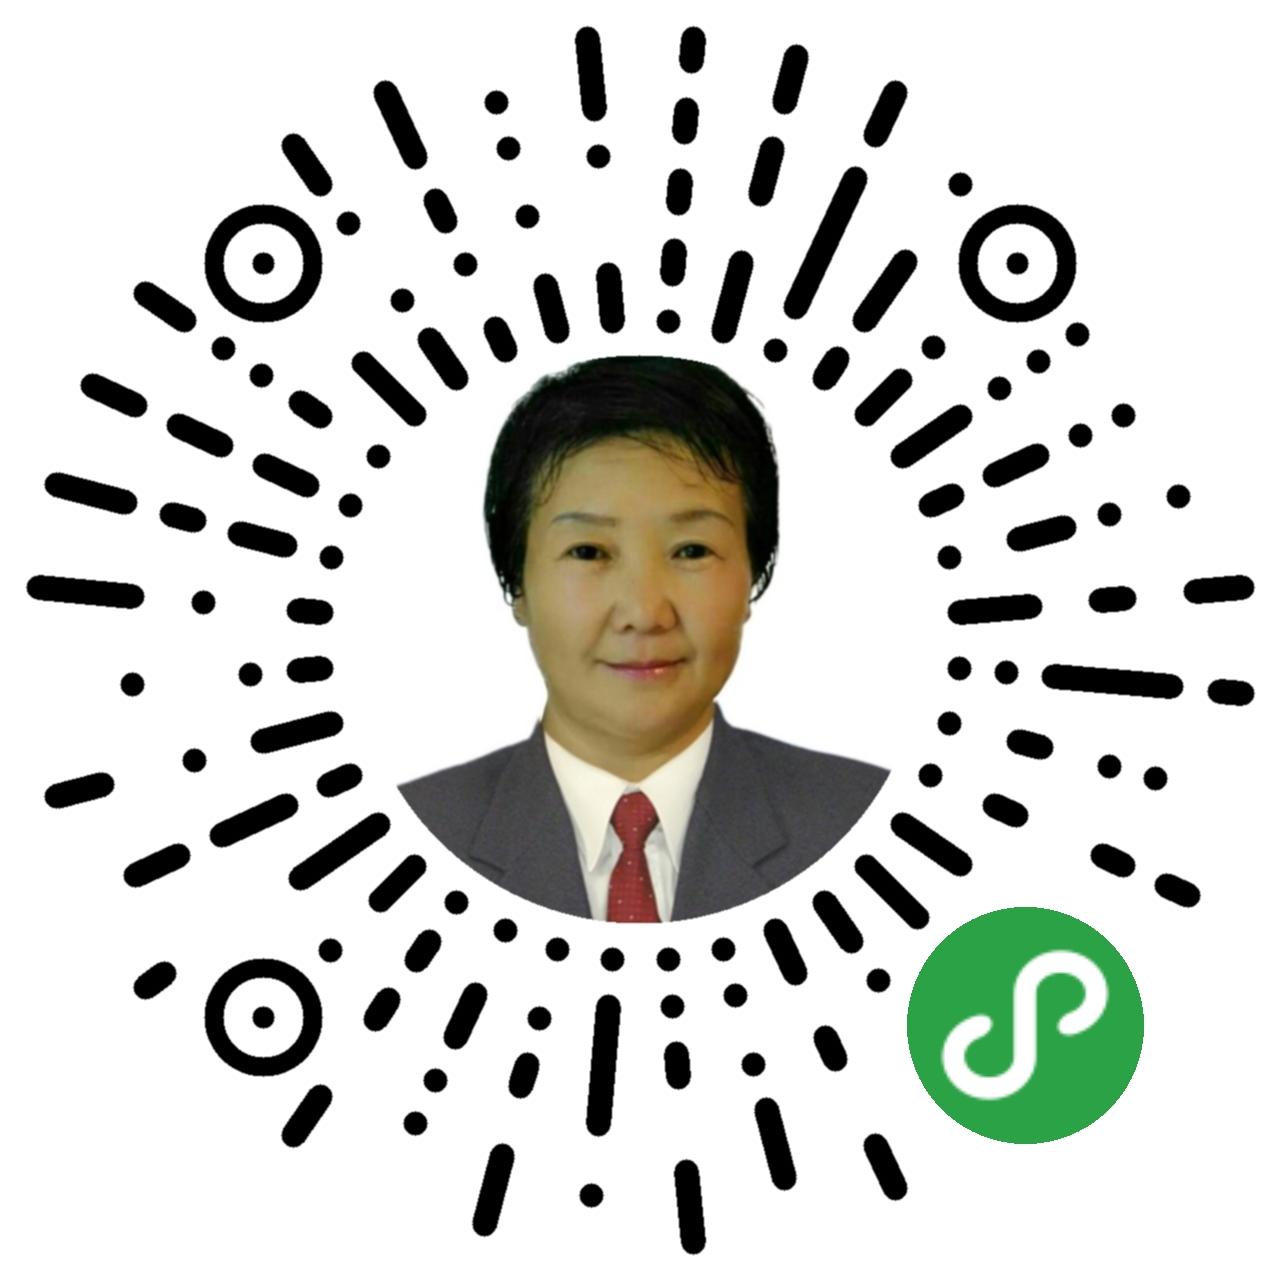 沧州合同婚姻律师刘素荣小程序二维码